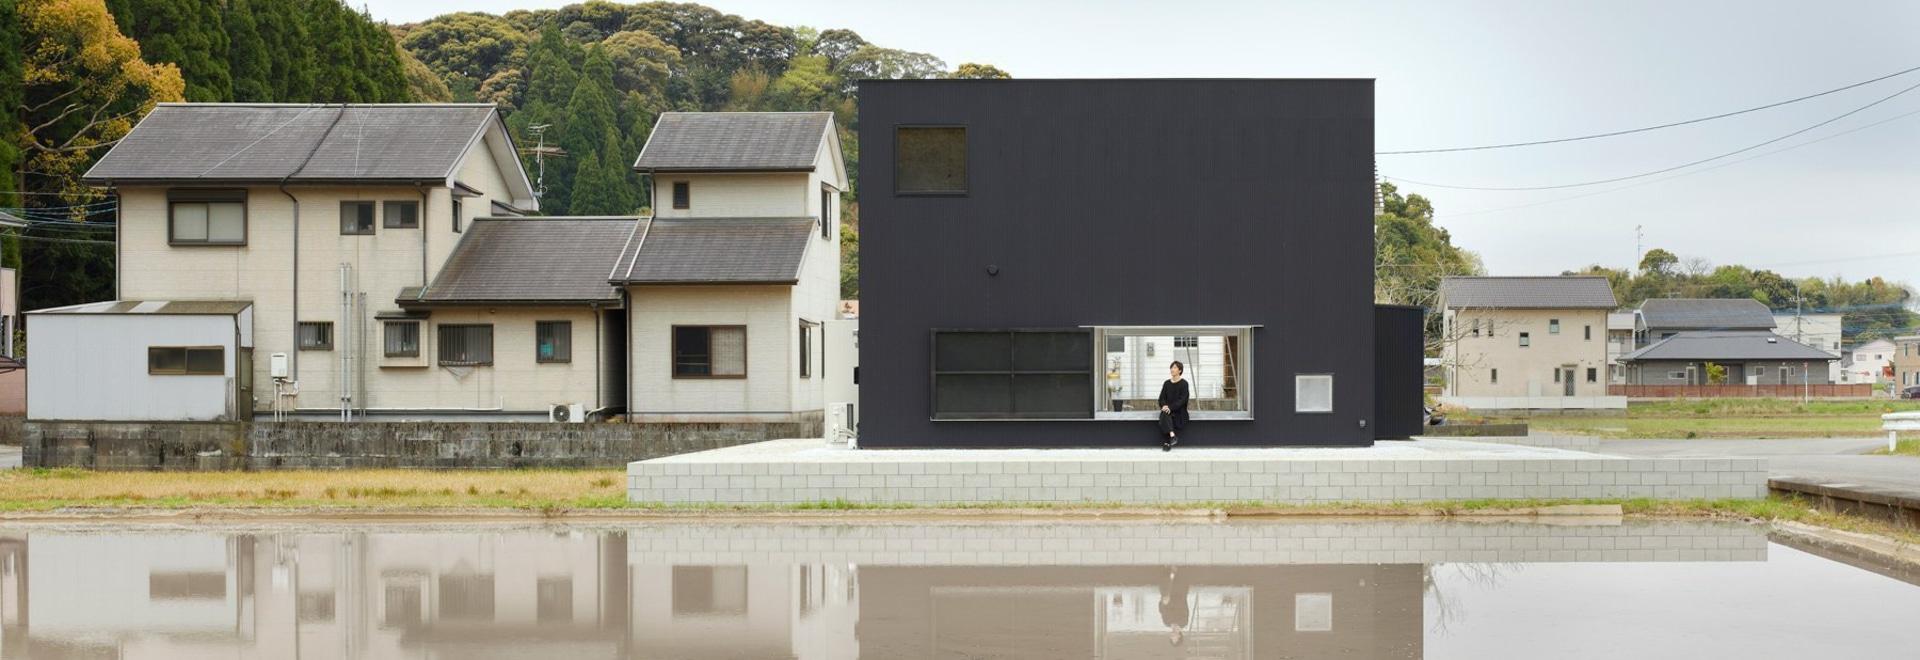 atelier kenta eto wickelt würfelhaus in schwarzem aluminium in kadokawa, japan ein